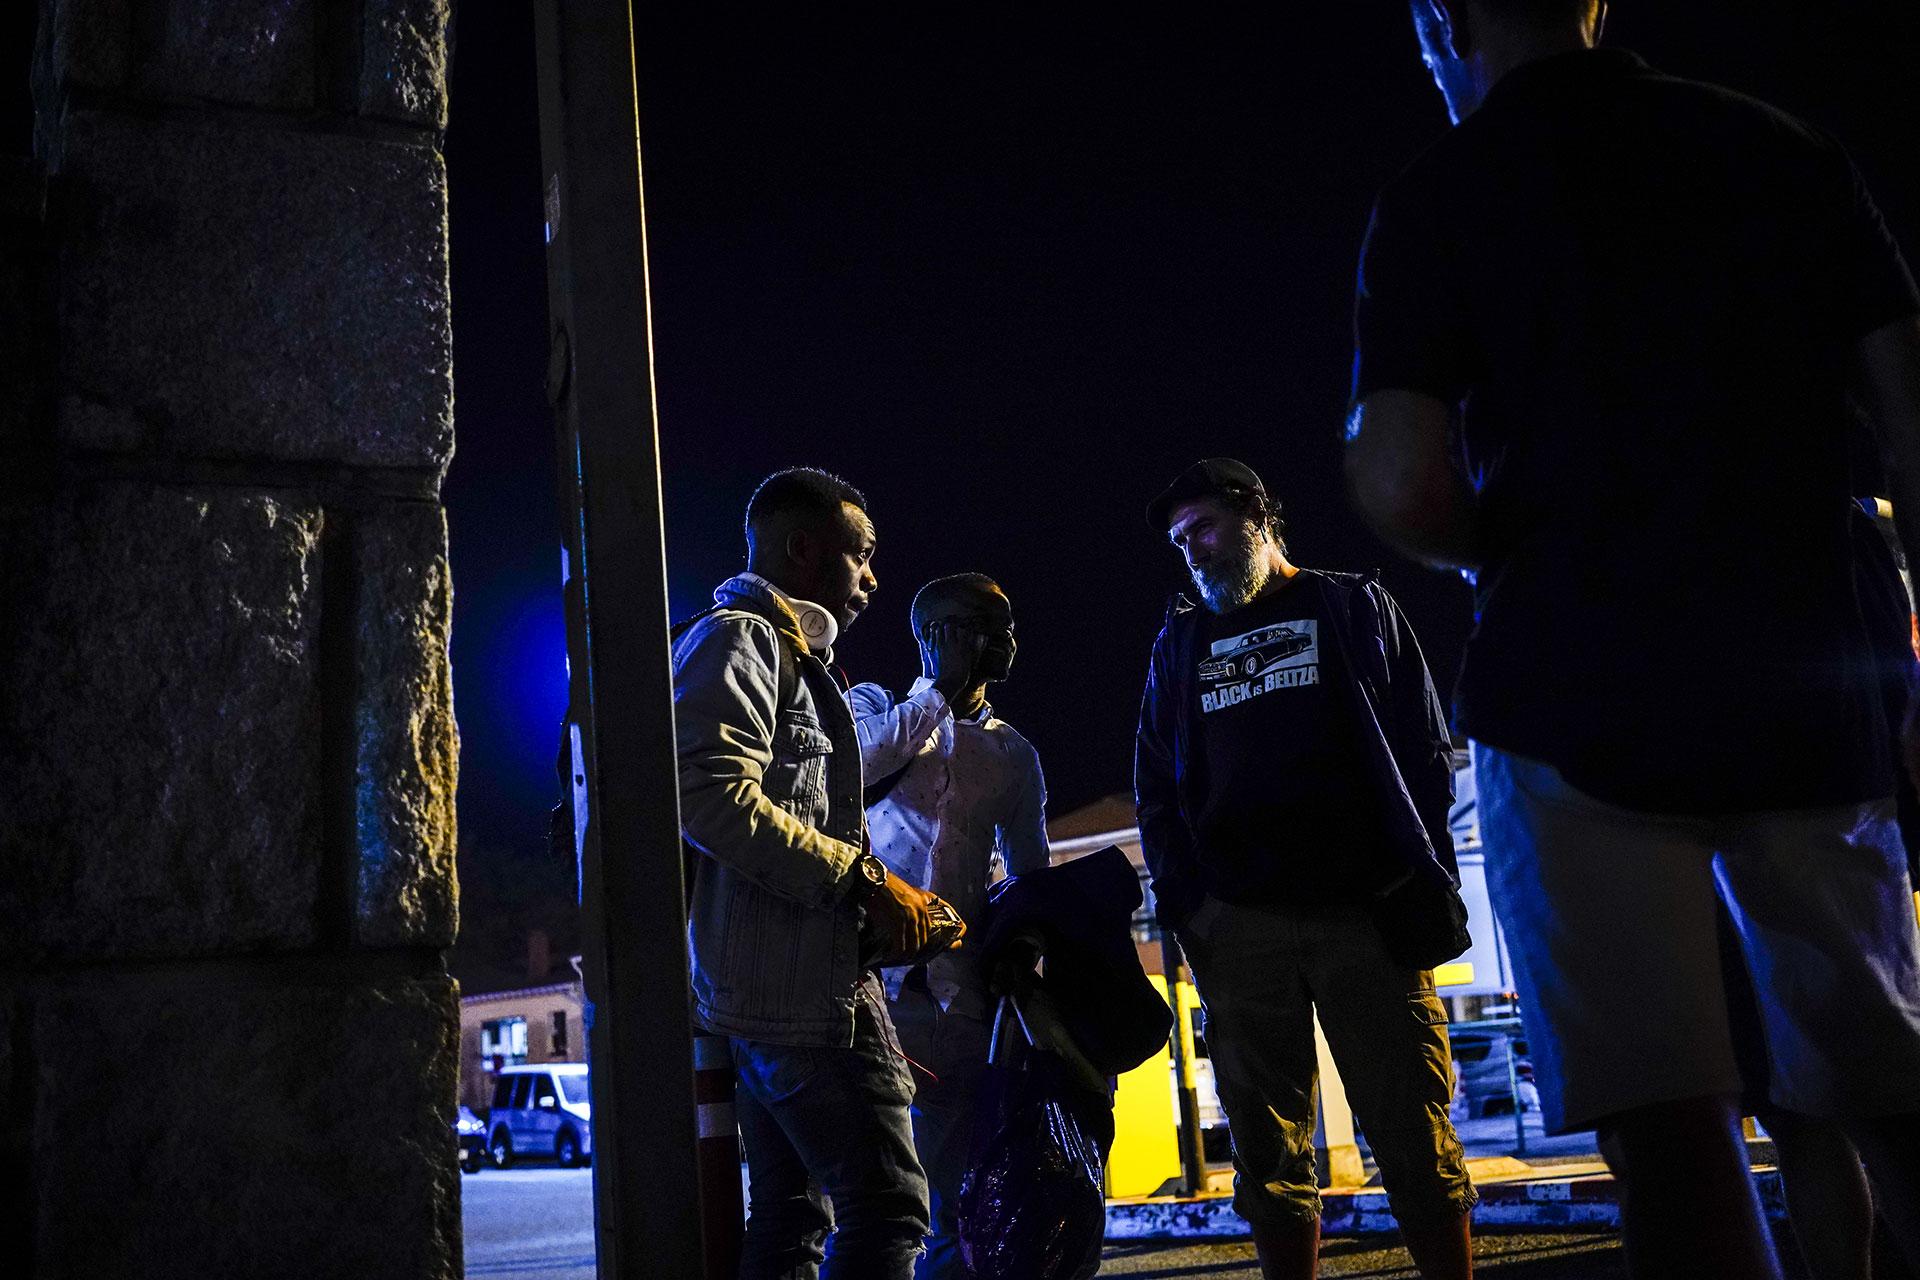 Miembros de Irungo Harrera Sarea hablan con un joven que acaba de llegar a la estación de autobuses de Irún, 16 de Septiembre de 2019.